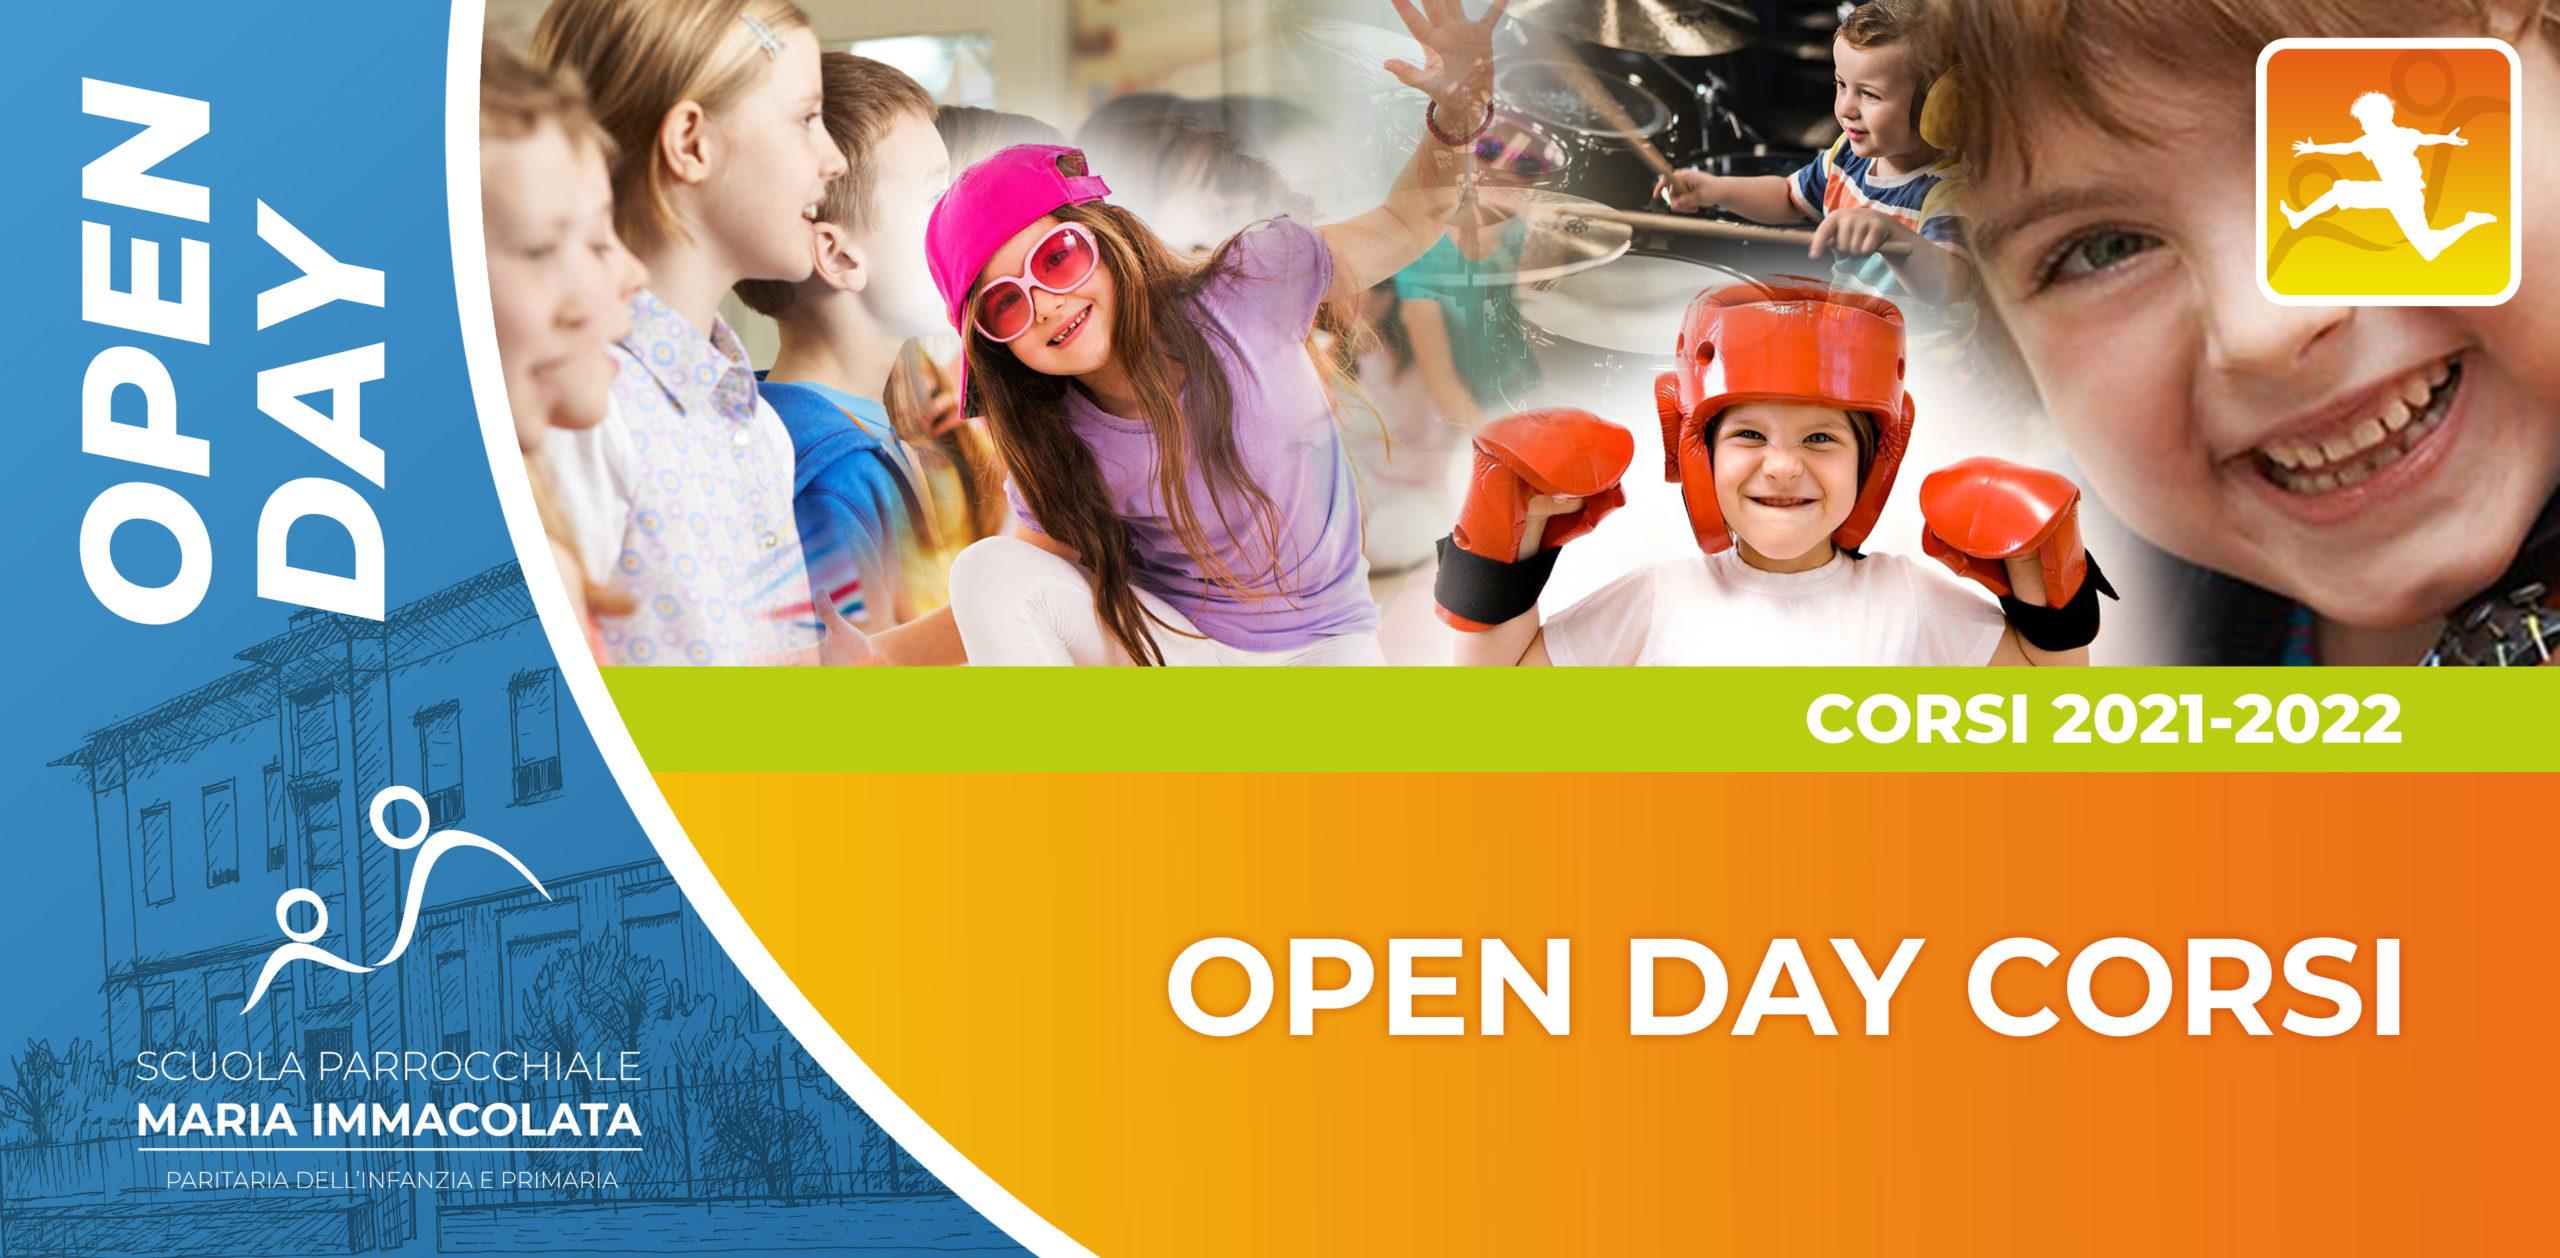 Sabato 25 settembre 2021: Open Day Corsi extrascolastici